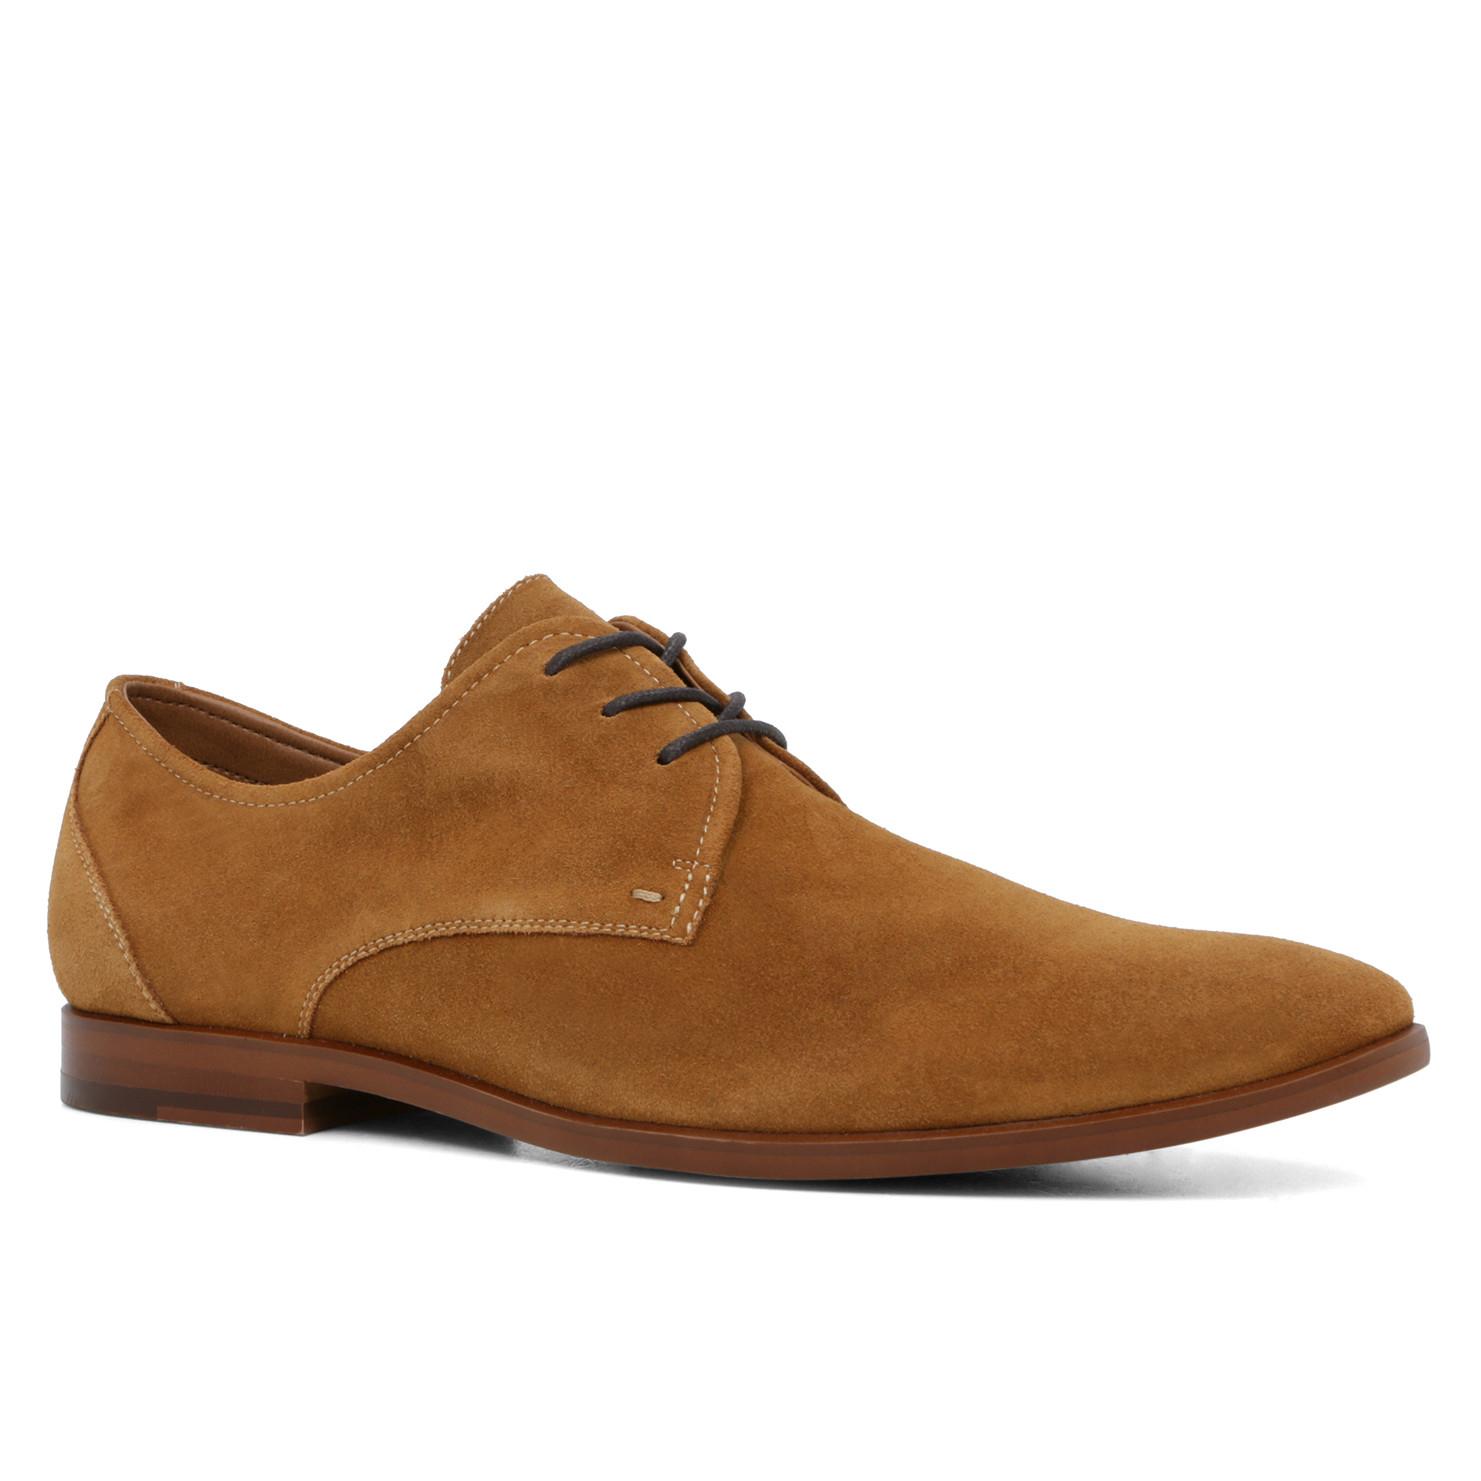 Where To Buy Aldo Shoes